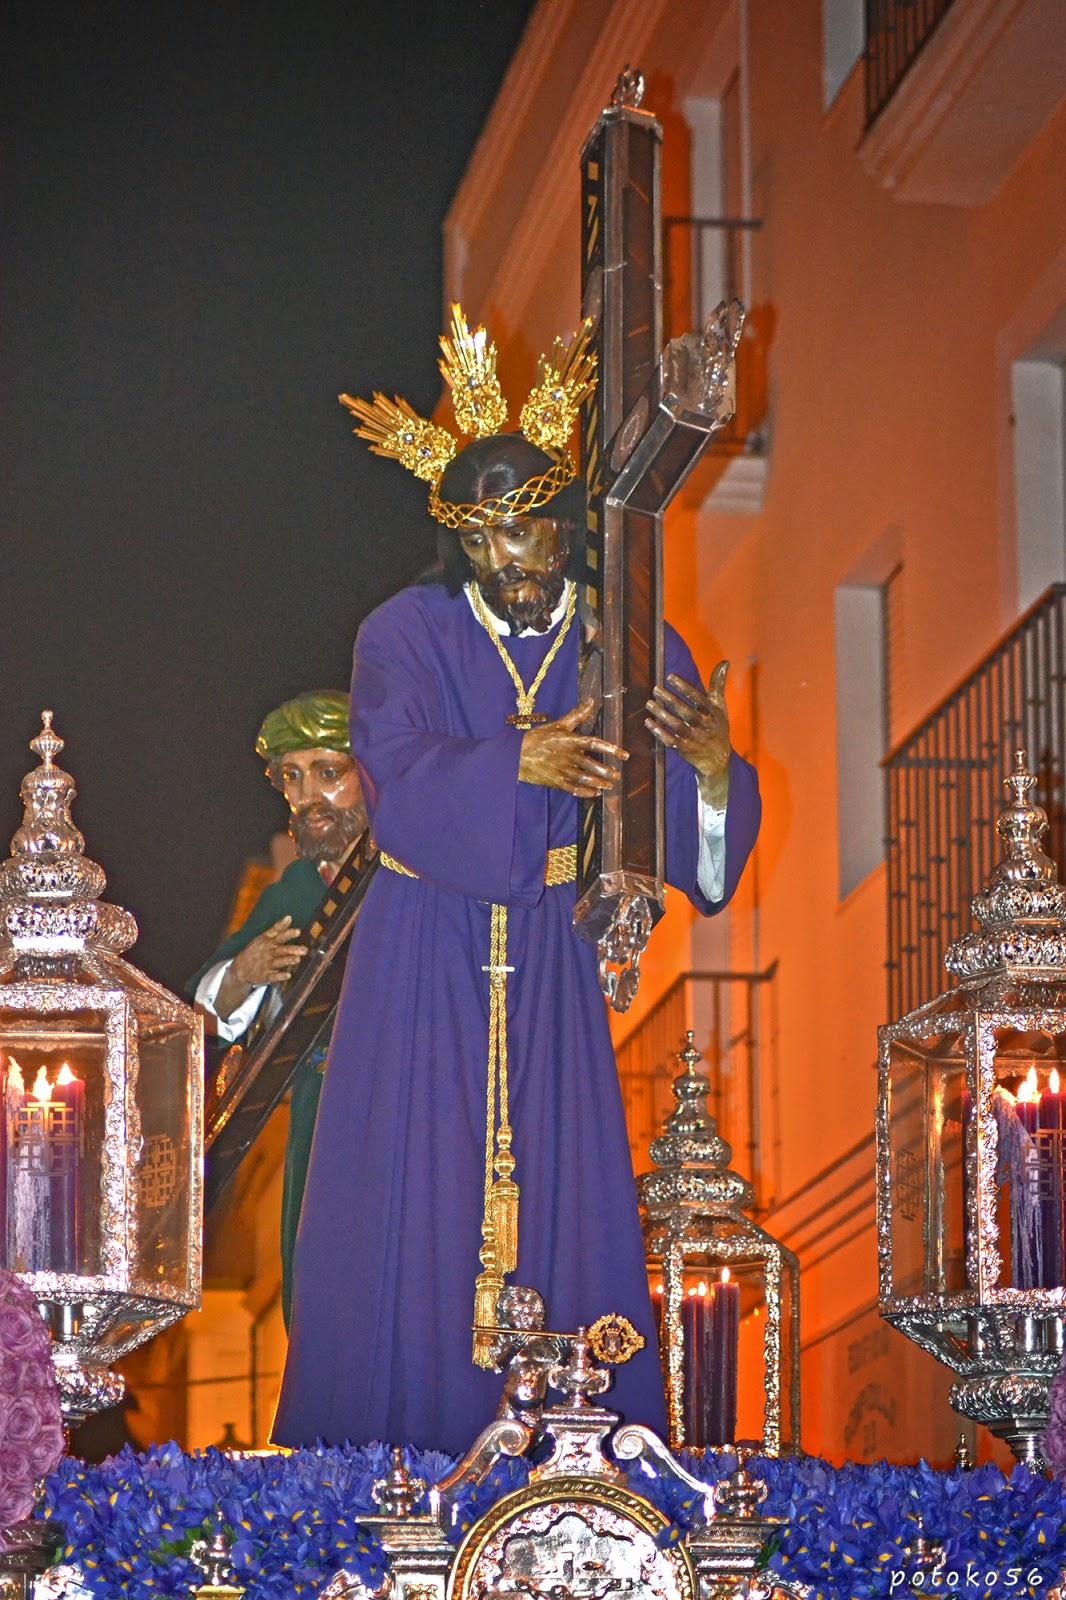 El Nazareno y Simón Cirinéo Semana Santa Rota